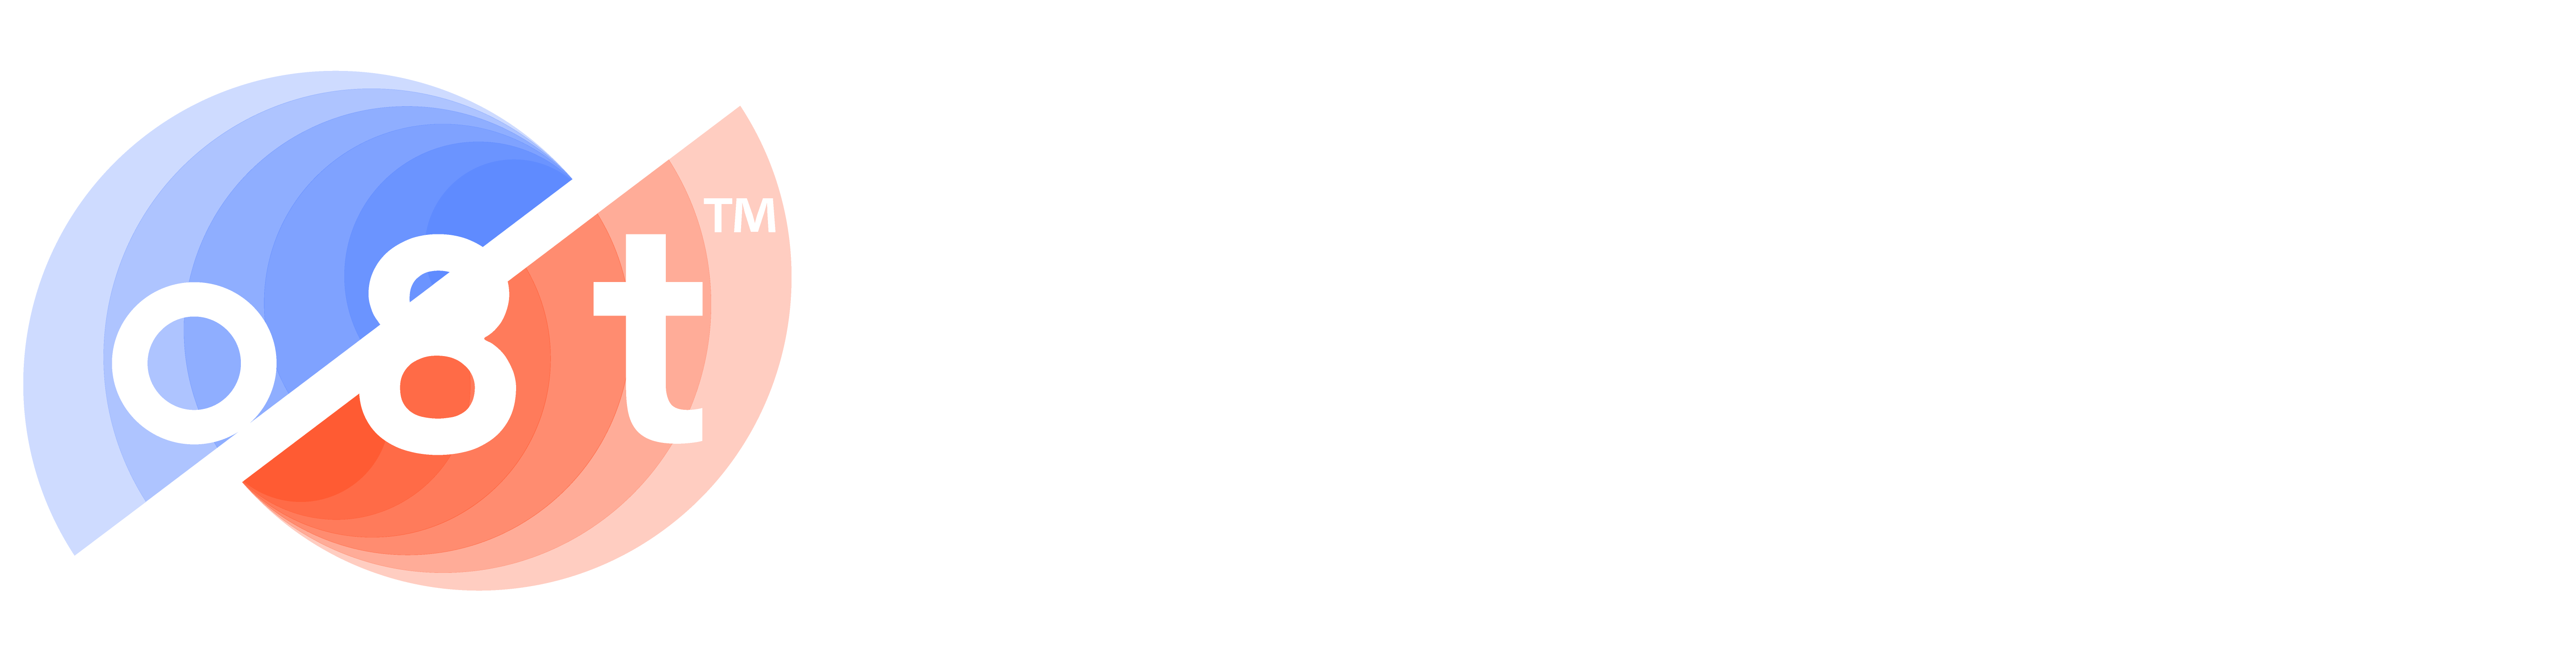 Quicktome_Website_Logo